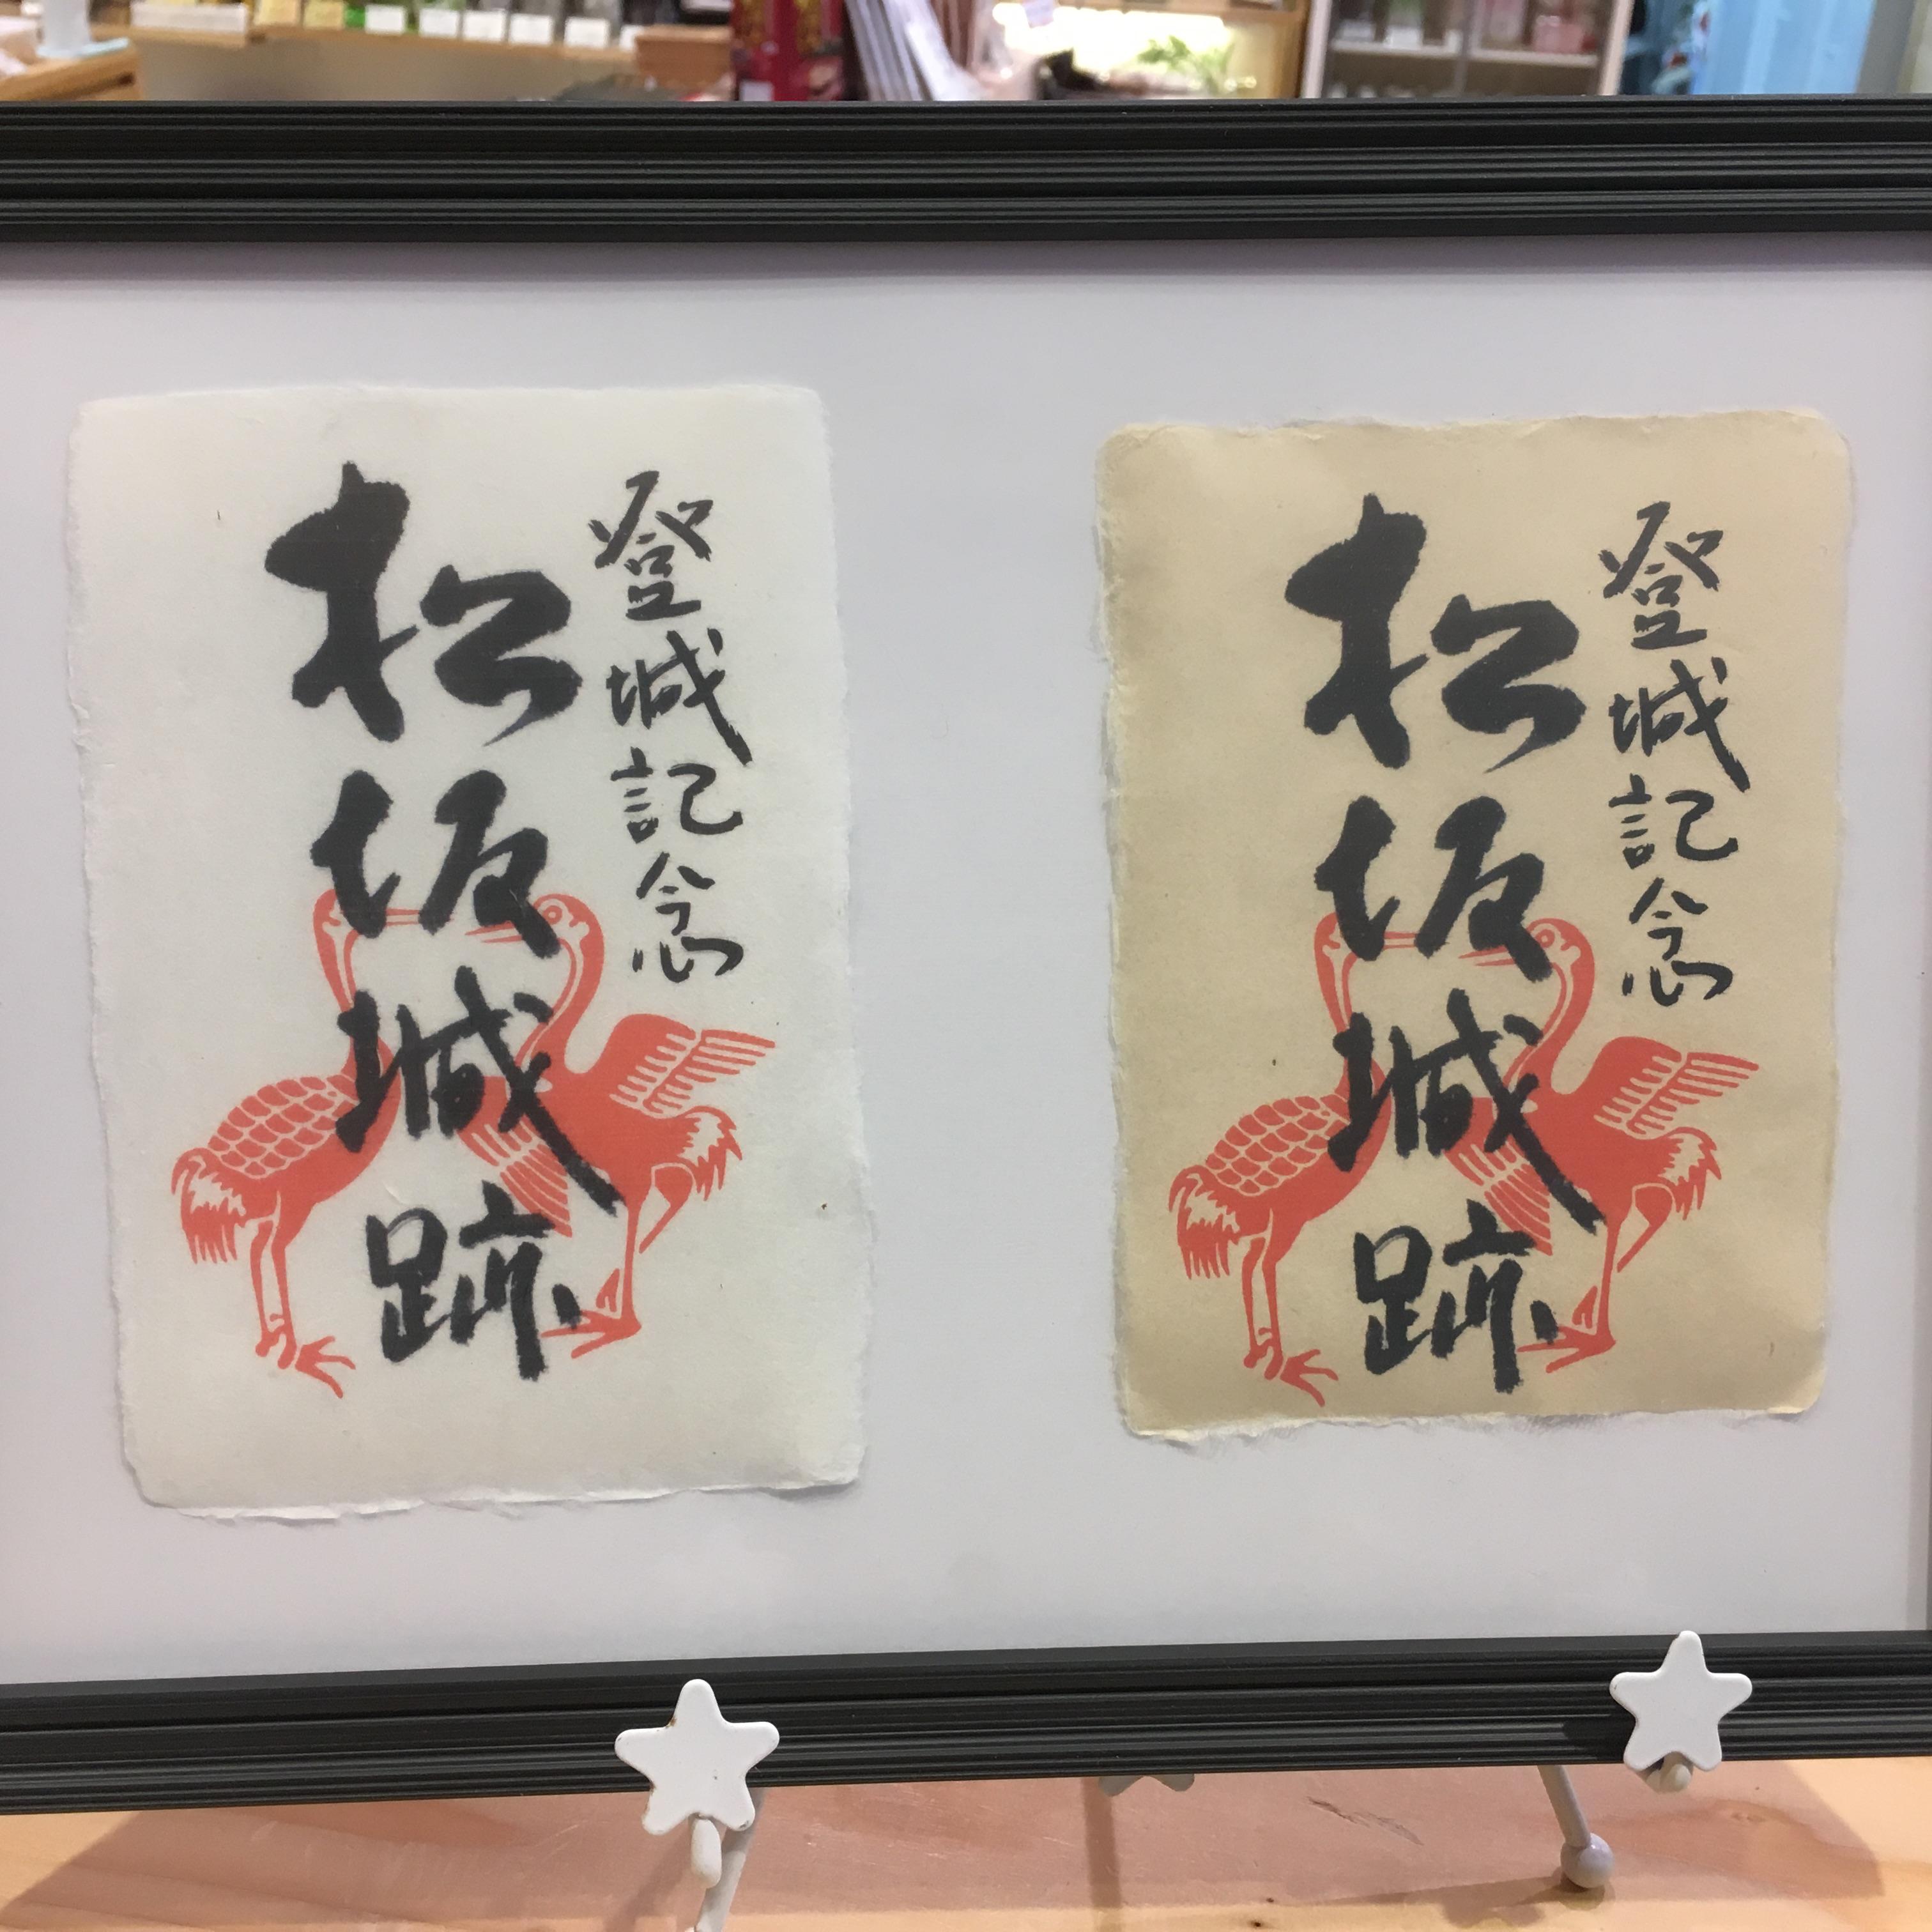 2020 年4月5日(日)1周年記念【小津和紙産】【因州和紙産】御城印 の販売を開始いたします。 豪商のまち松阪 観光交流センター